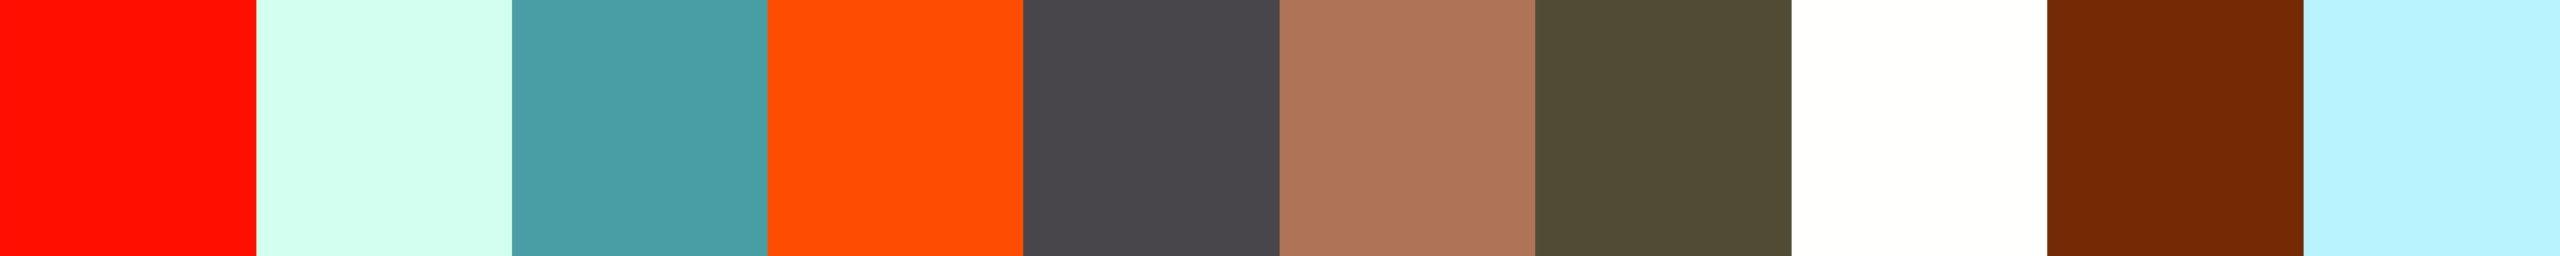 278 Partiawa Color Palette